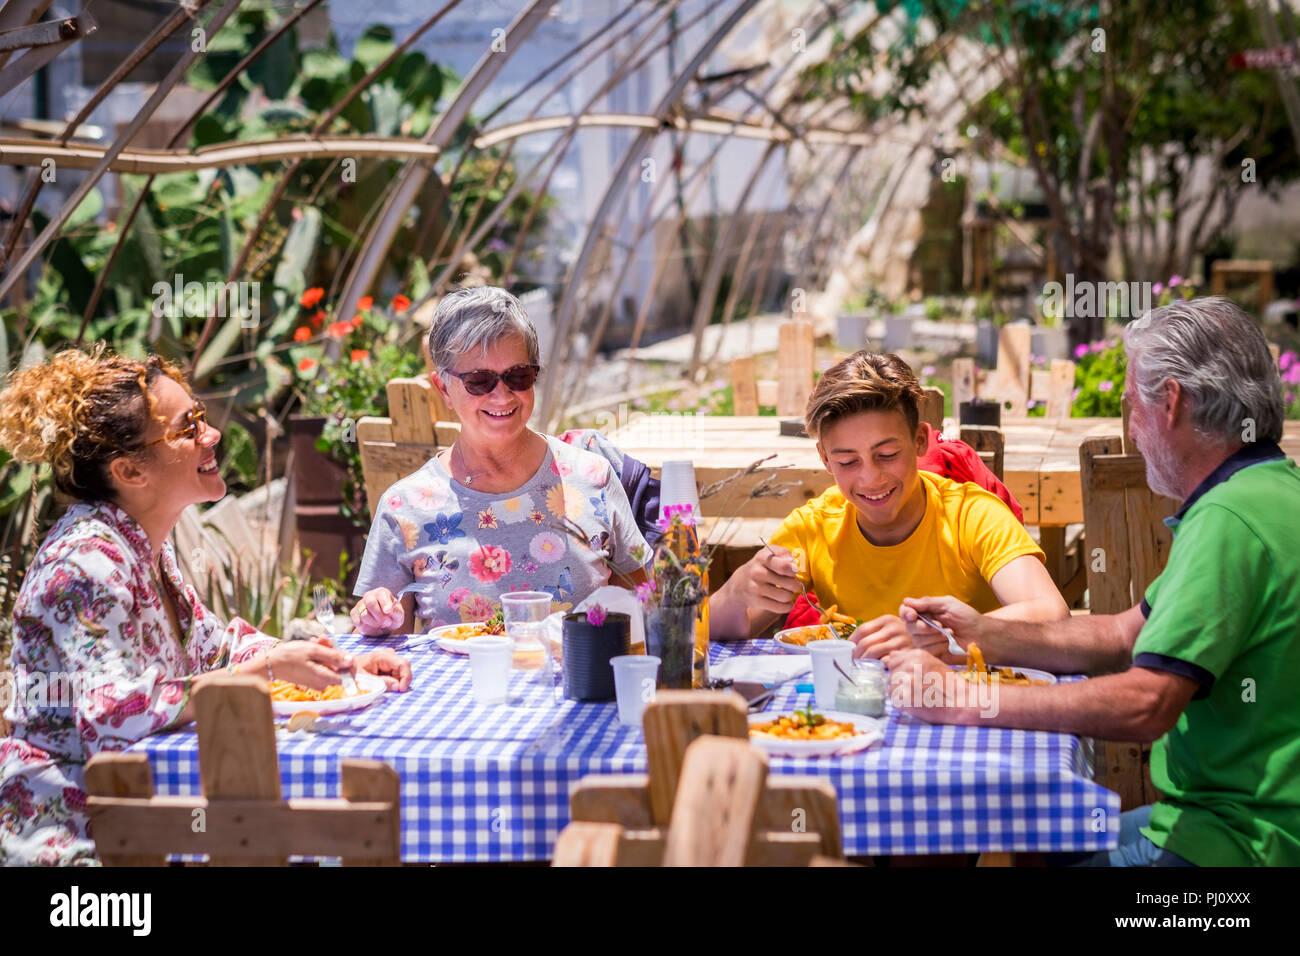 Fröhliche und glückliche Familie in alternative Outdoor Restaurant alle natürlichen und aus recyceltem Holz Paletten. Schön kaukasischen Völker in der Freizeit Aktivität Stockbild